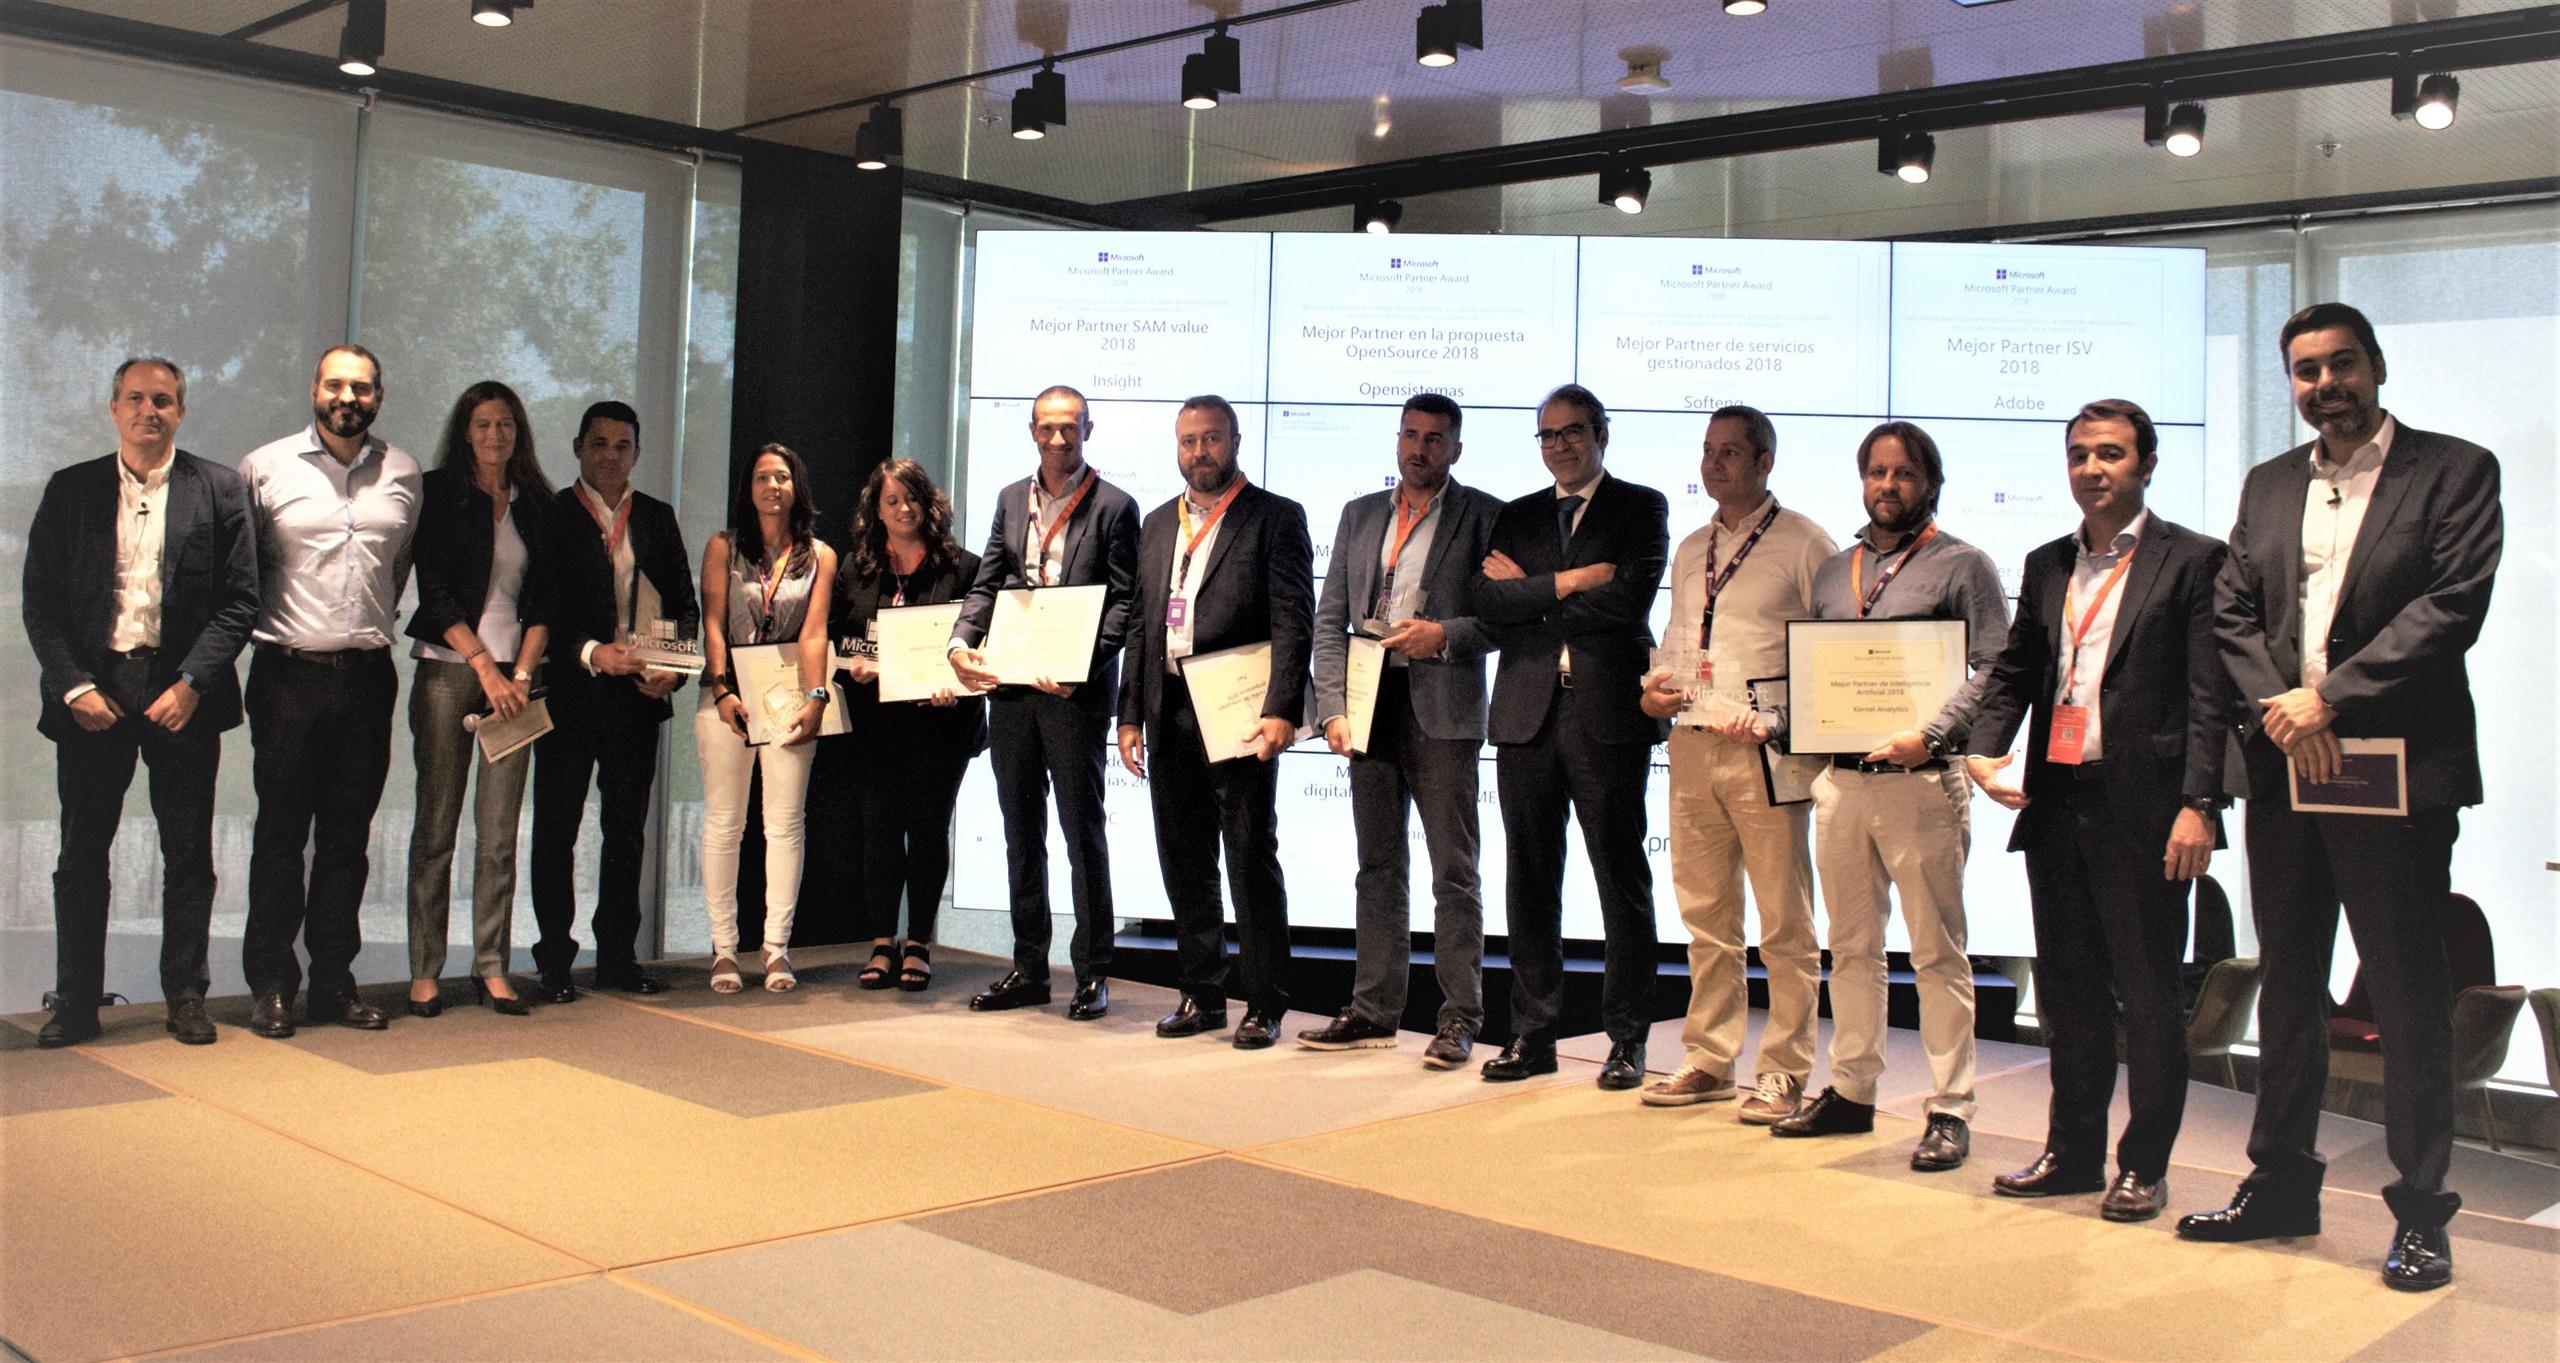 Softeng premia como mejor empresa en servicios gestionados 2018